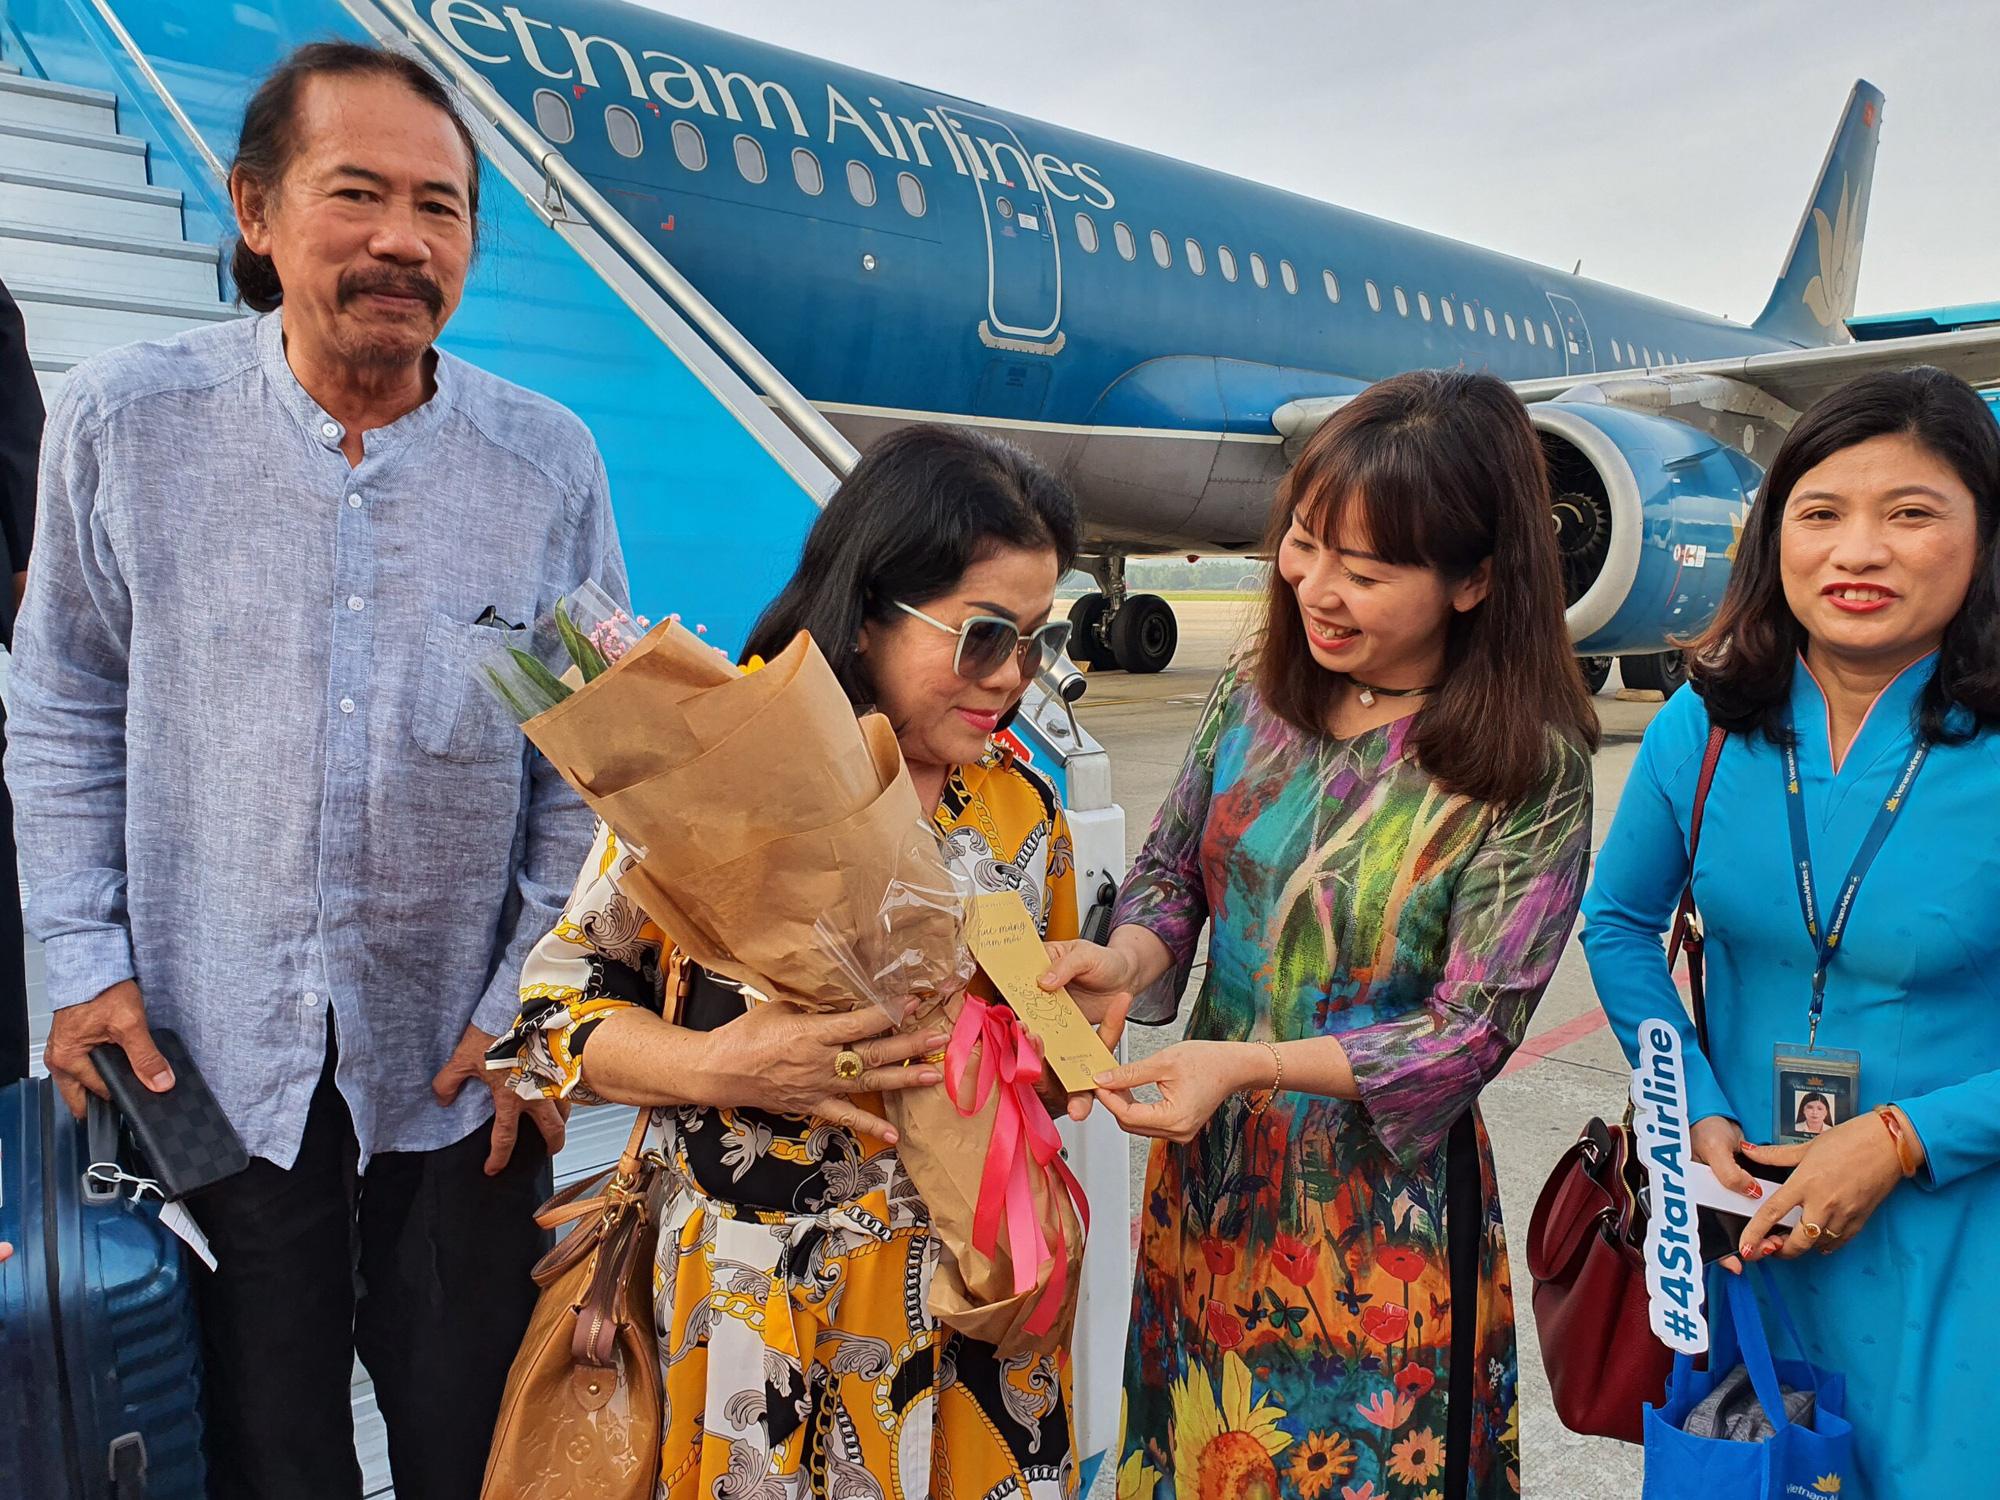 Phòng dịch Covid-19 tốt, Đà Nẵng hướng đến mục tiêu đón 9,6 triệu lượt khách năm 2020 - Ảnh 1.